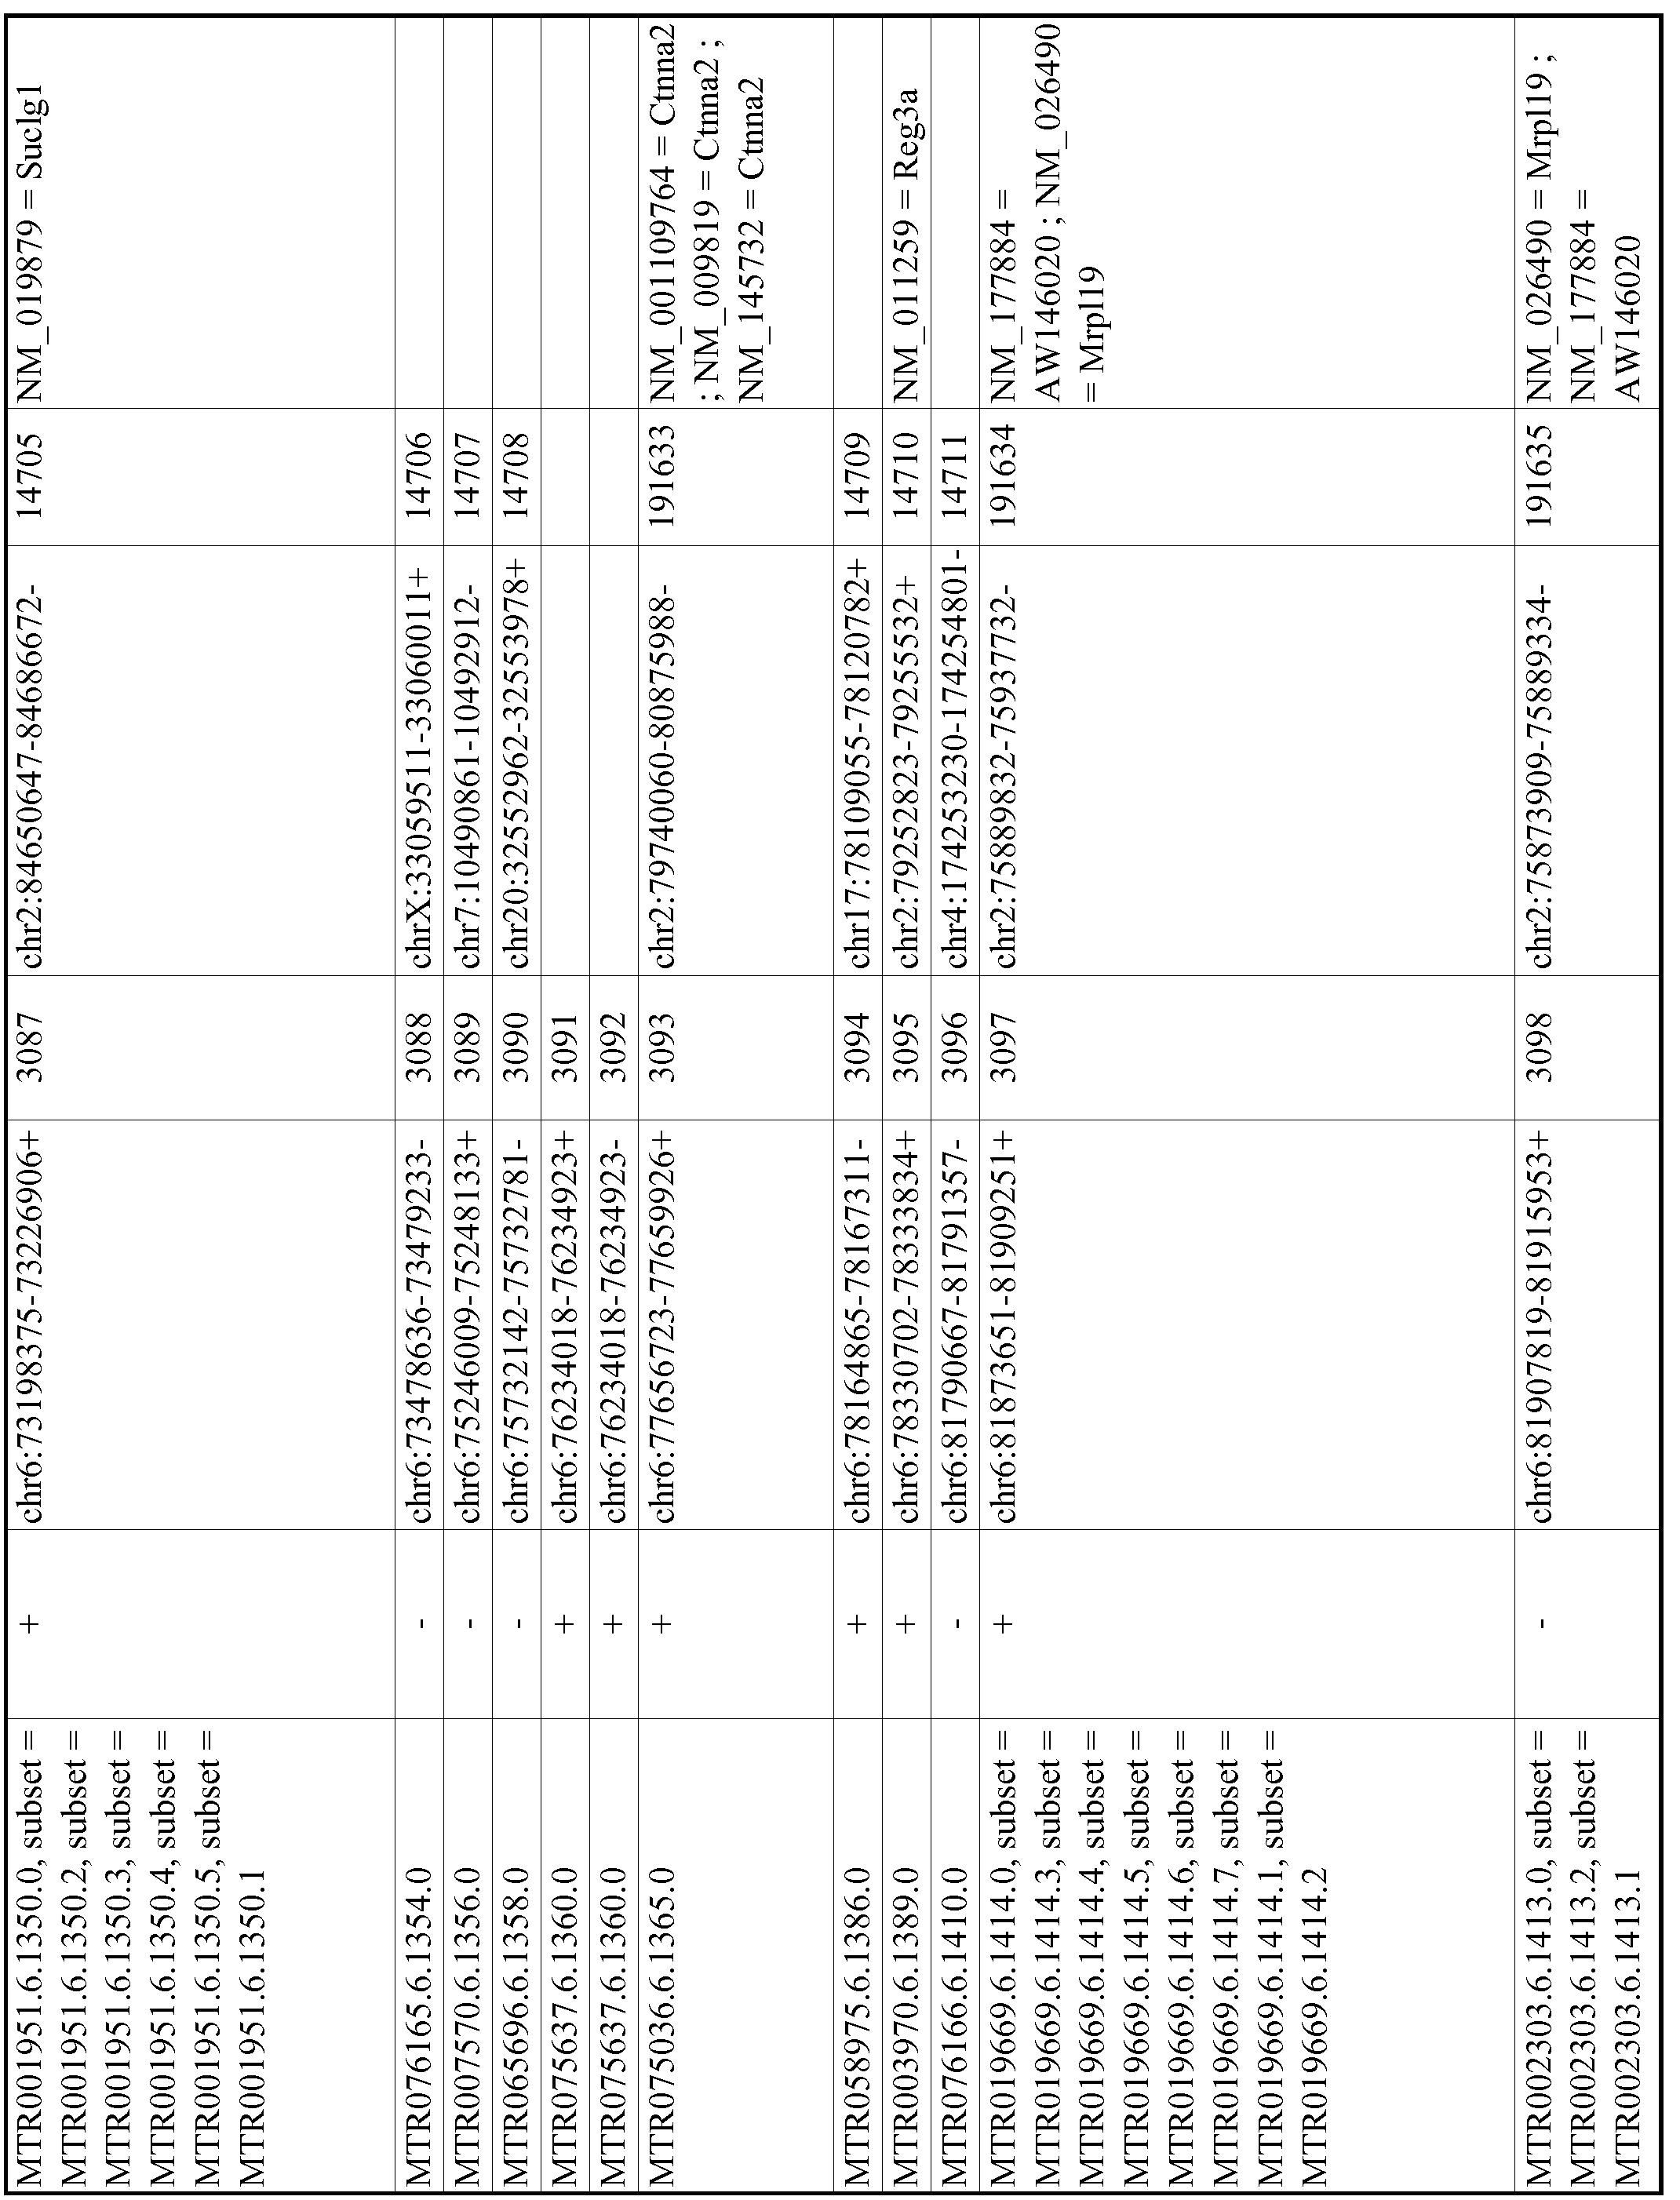 Figure imgf000615_0001